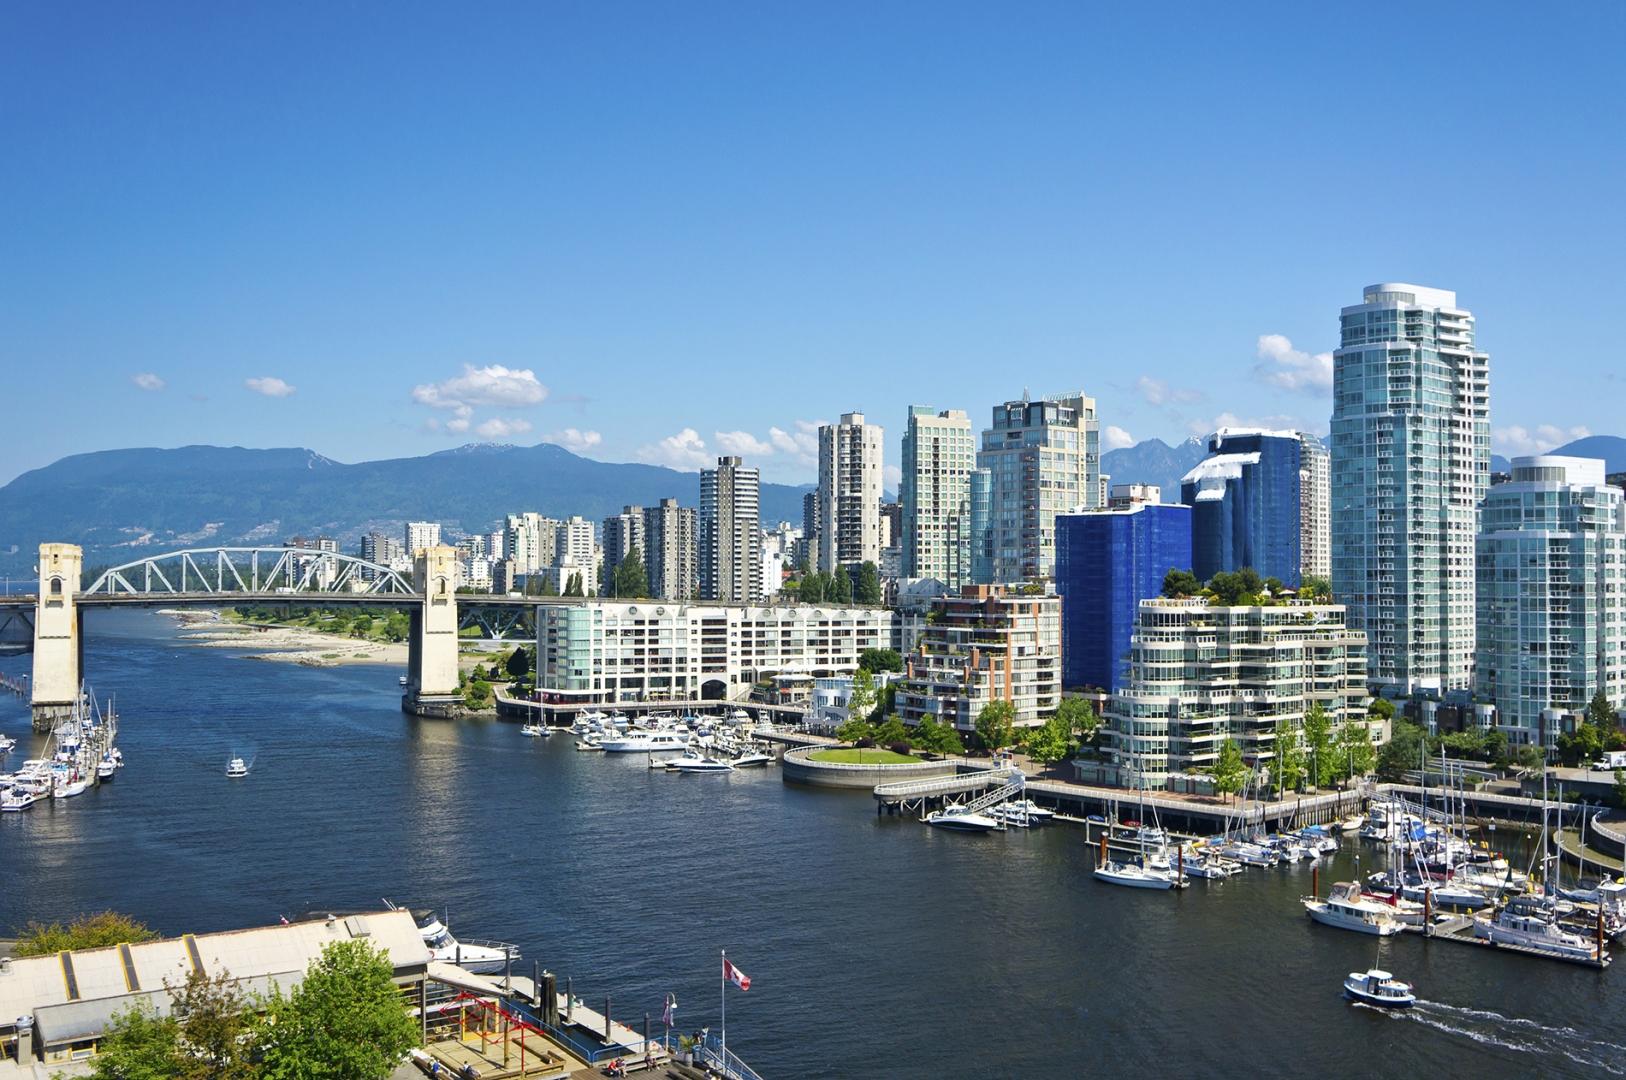 landscape image of a city skyline